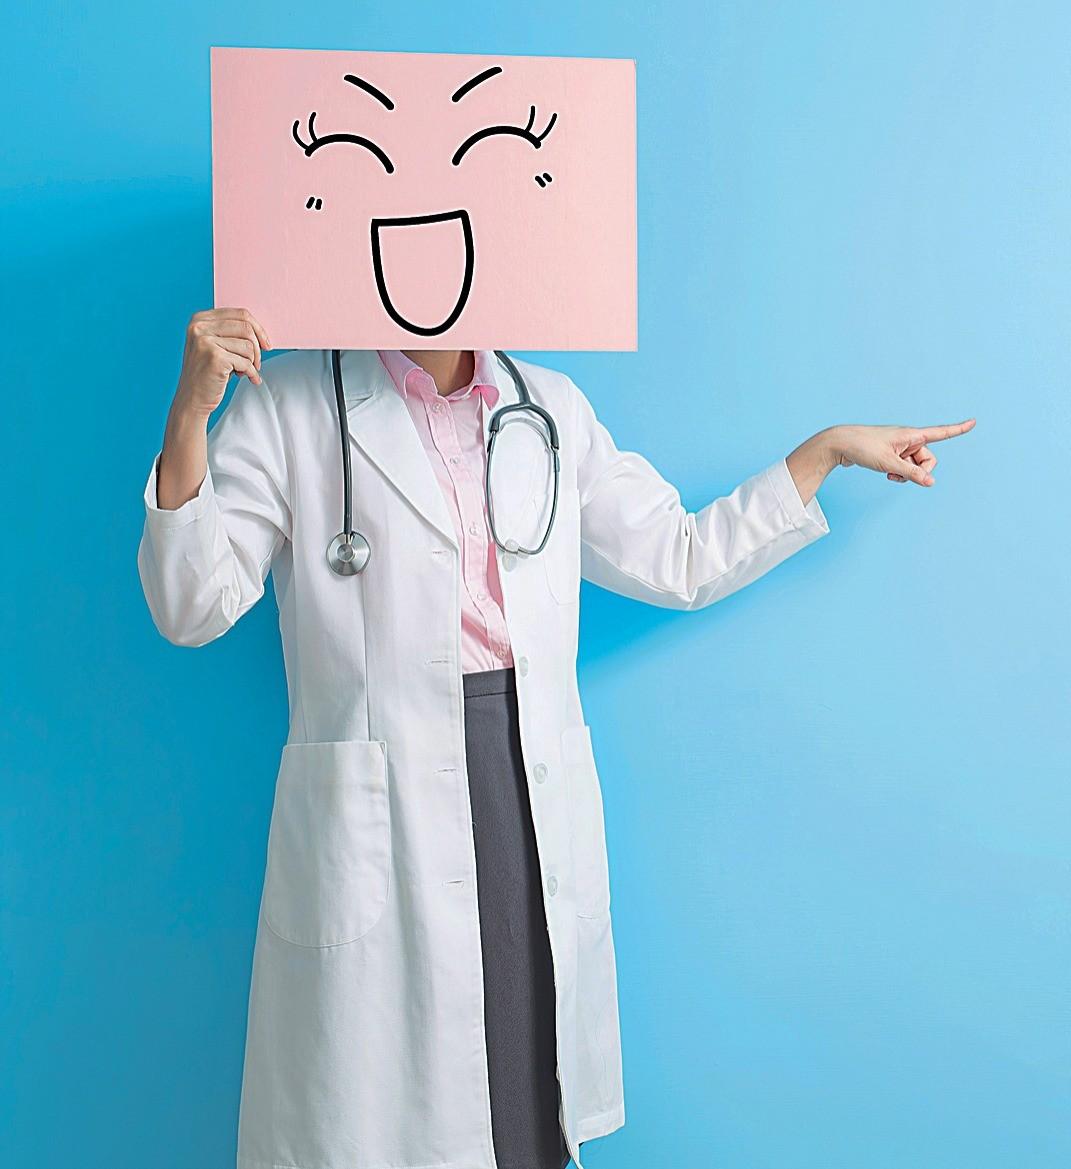 Он должен сидеть прямо напротив врача-«тревожной кнопки». Потому что противоположности притягиваются. Спофигистом легко ивесело. Оншутит, говорит «Уу-у-у, как все запущено!»таким тоно...